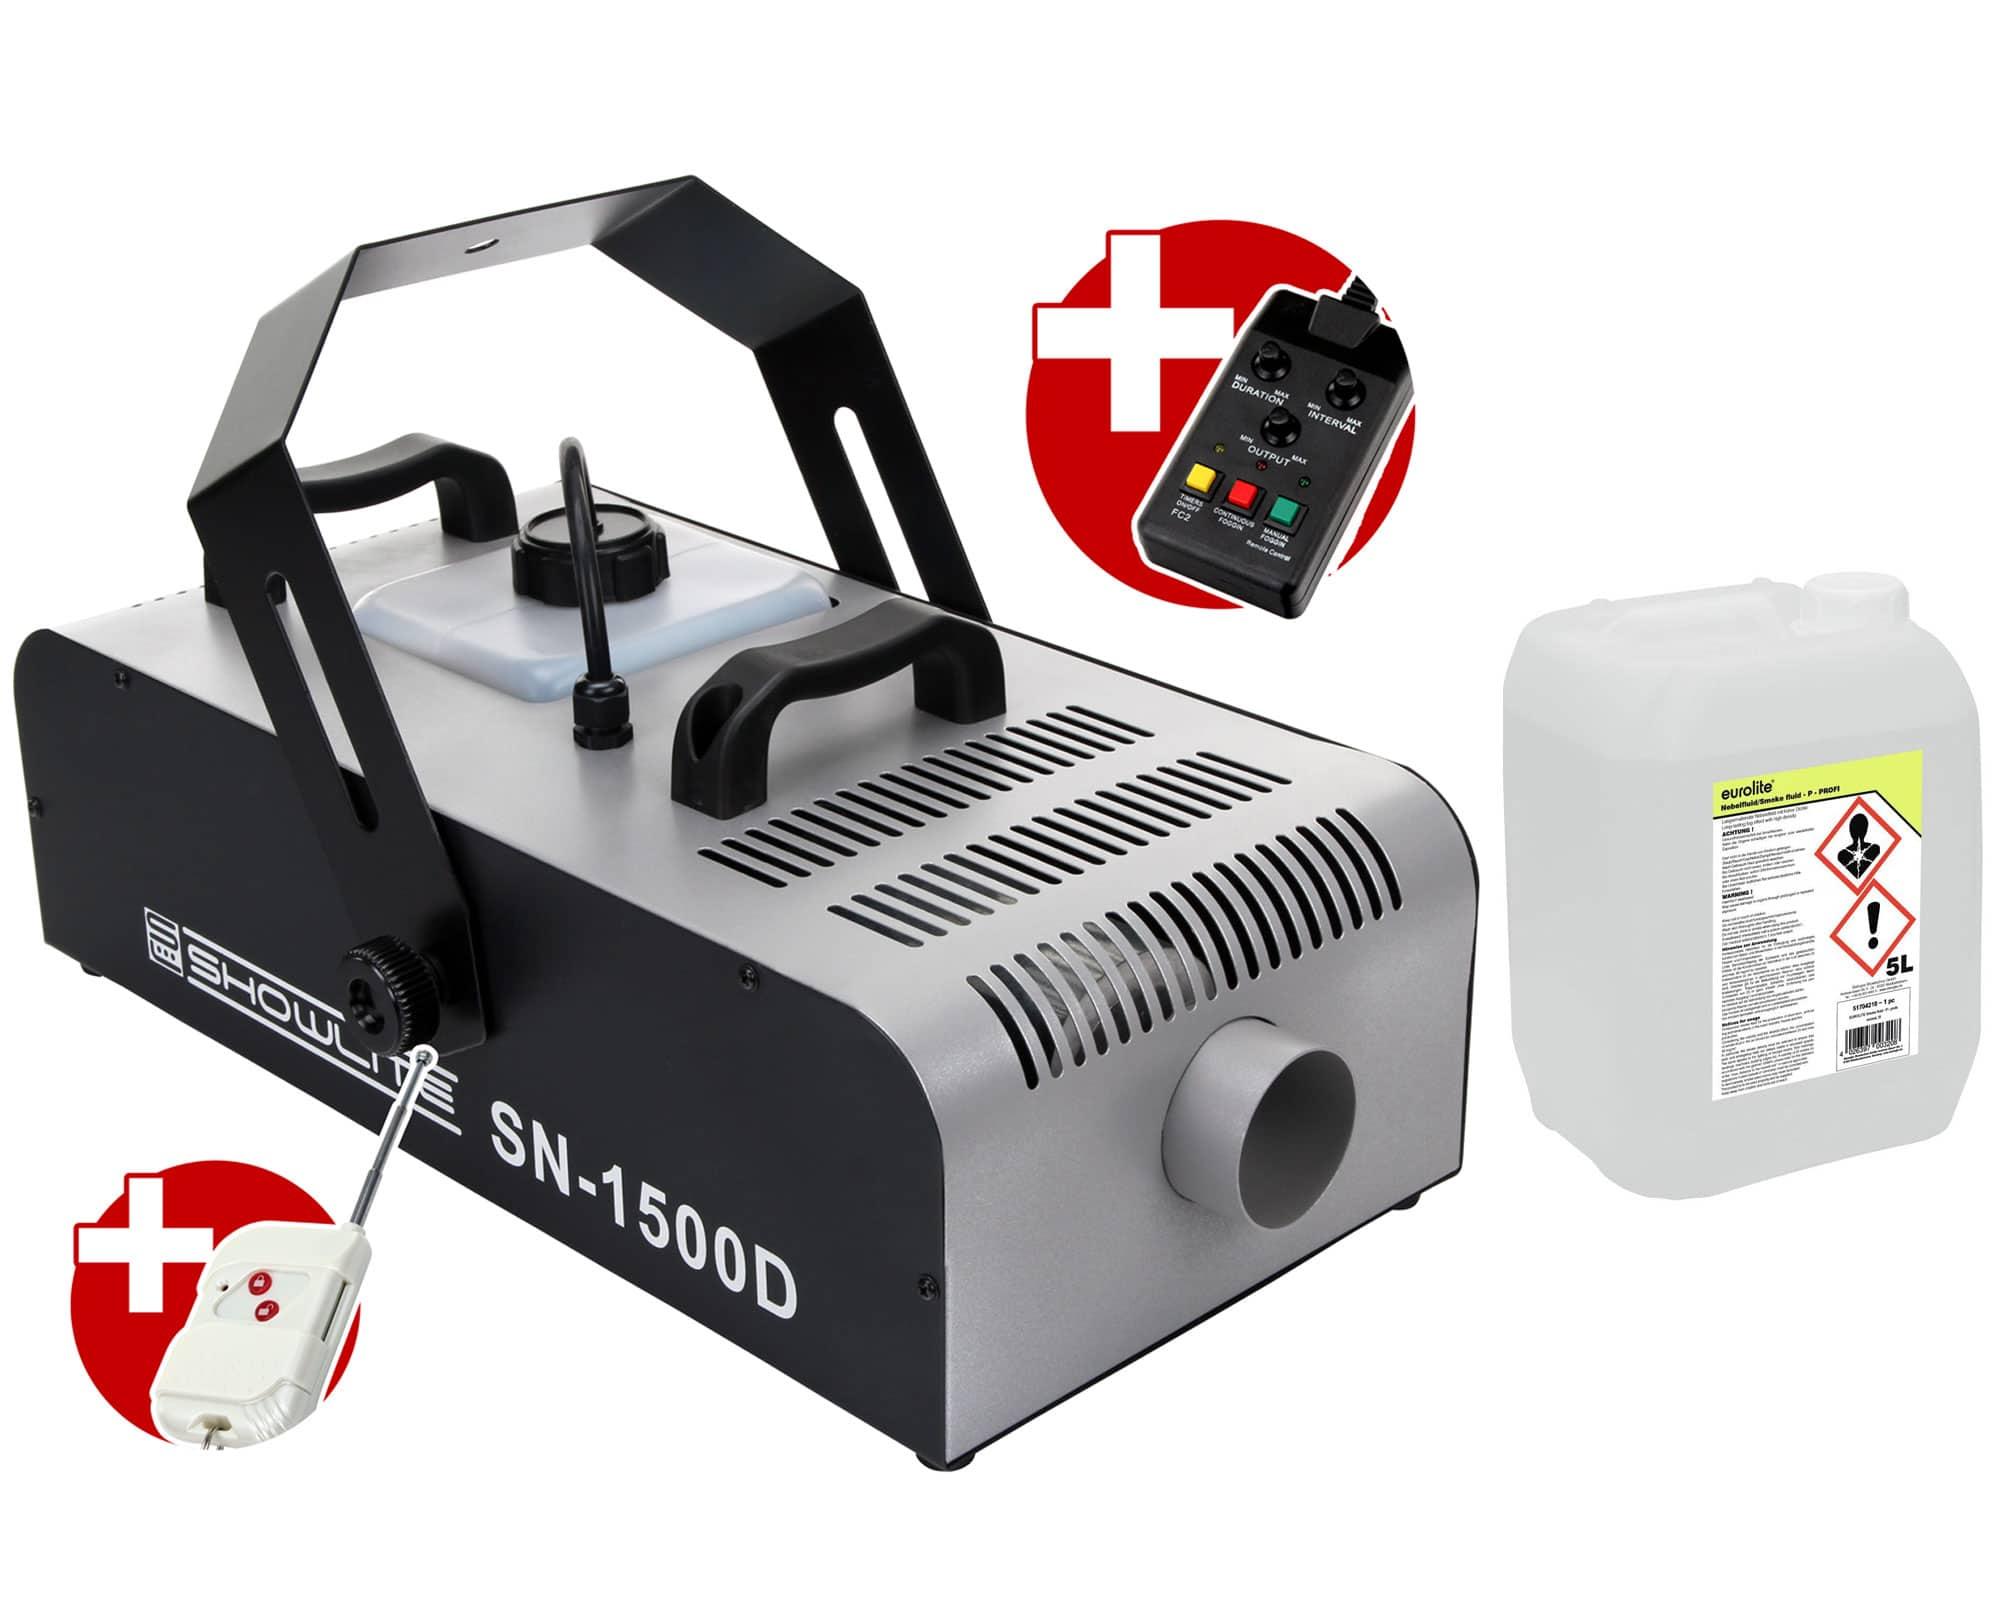 Nebeleffekte - Komplettset Showlite SN 1500 DMX Nebelmaschine 1500W inkl. Fernbedienung mit Timer 5 L Nebelfluid - Onlineshop Musikhaus Kirstein